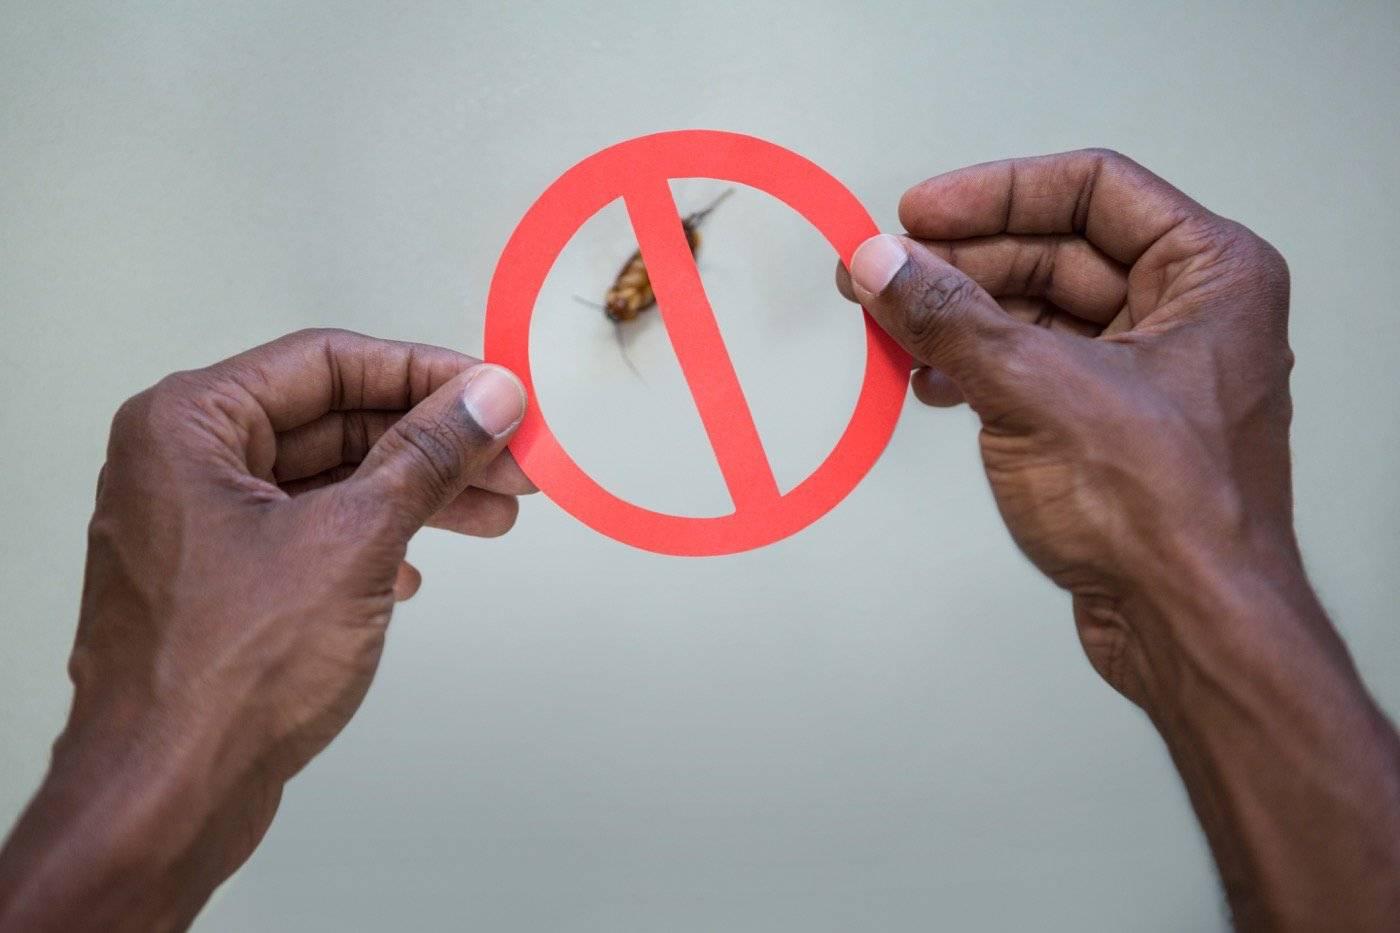 cucarachas prohibidas - ¿Dónde puedes comprar ácido bórico contra las cucarachas?